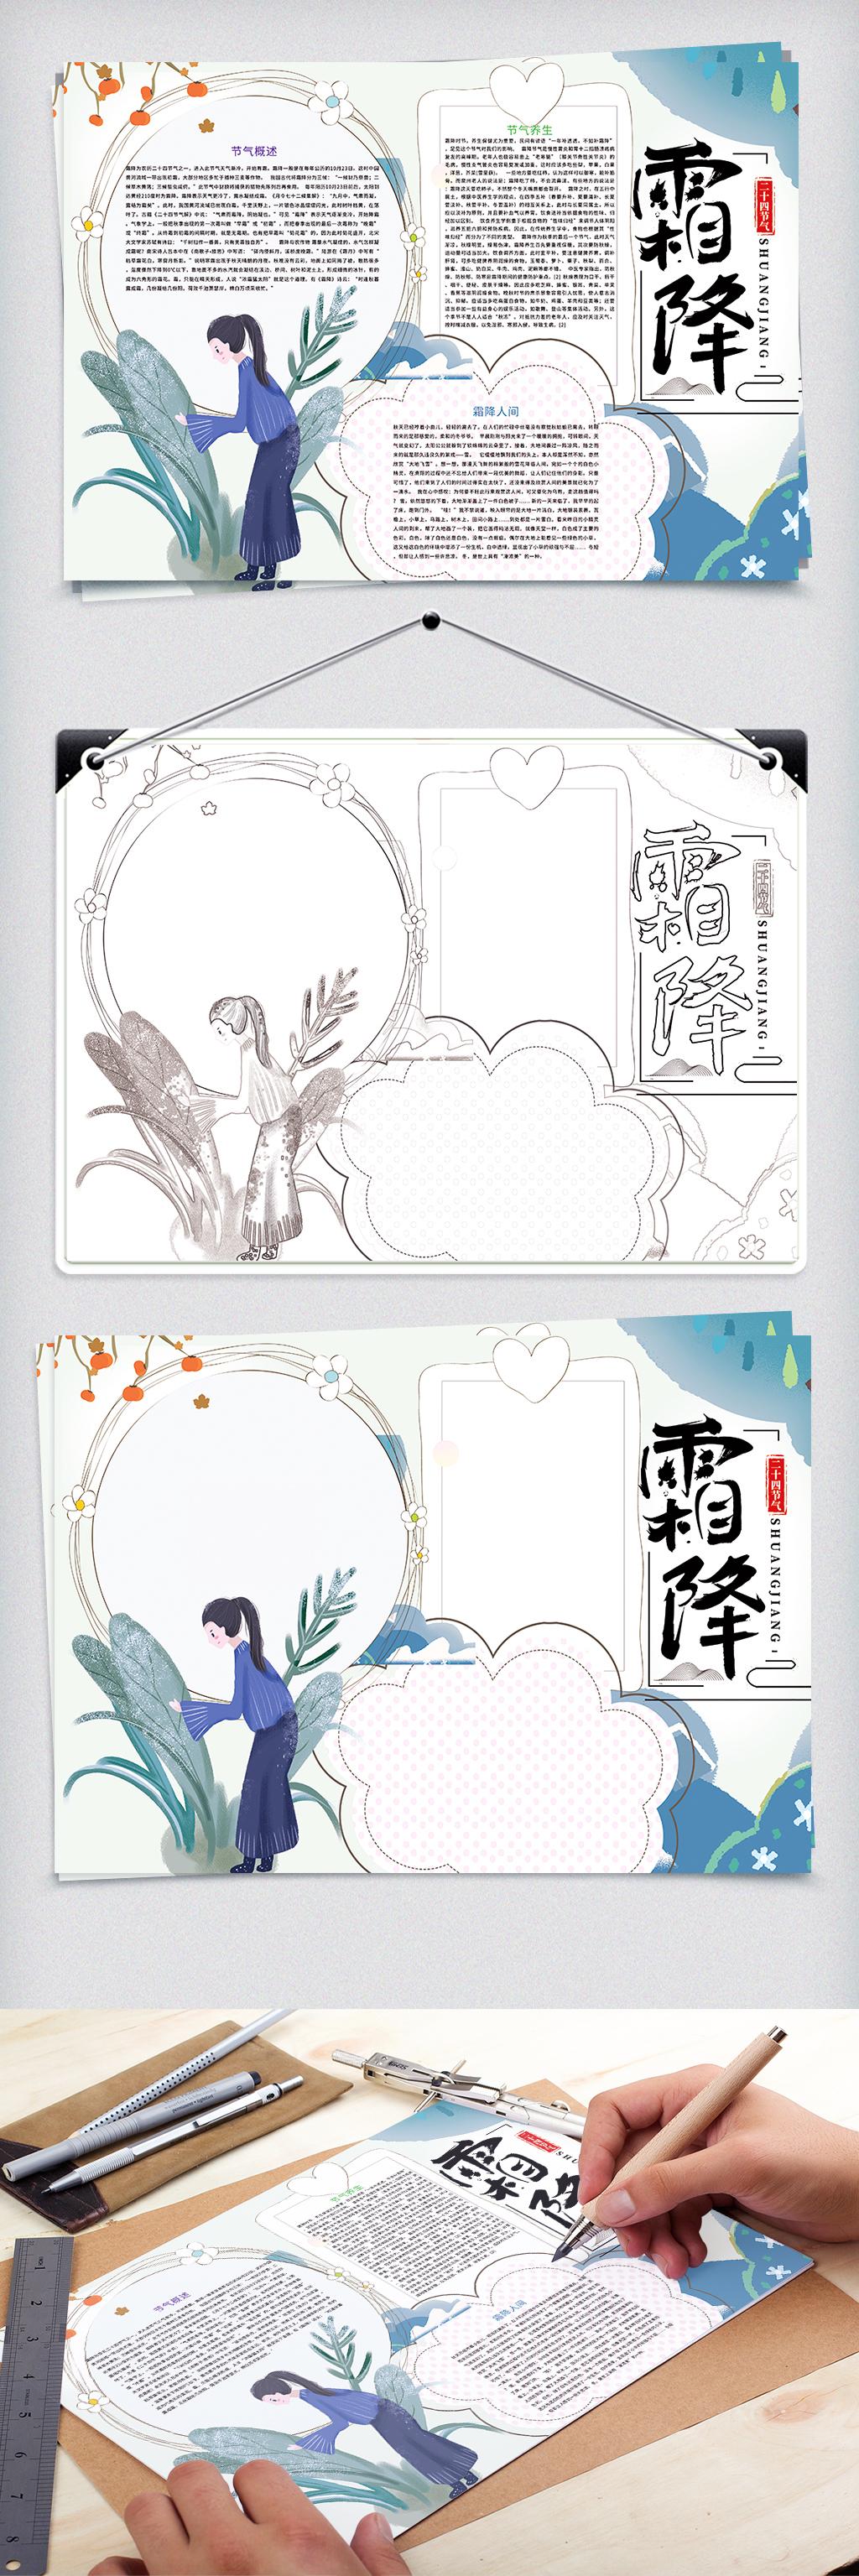 手抄报|小报 节日手抄报 其他 > 霜降二十四节气传统习俗小报   图片